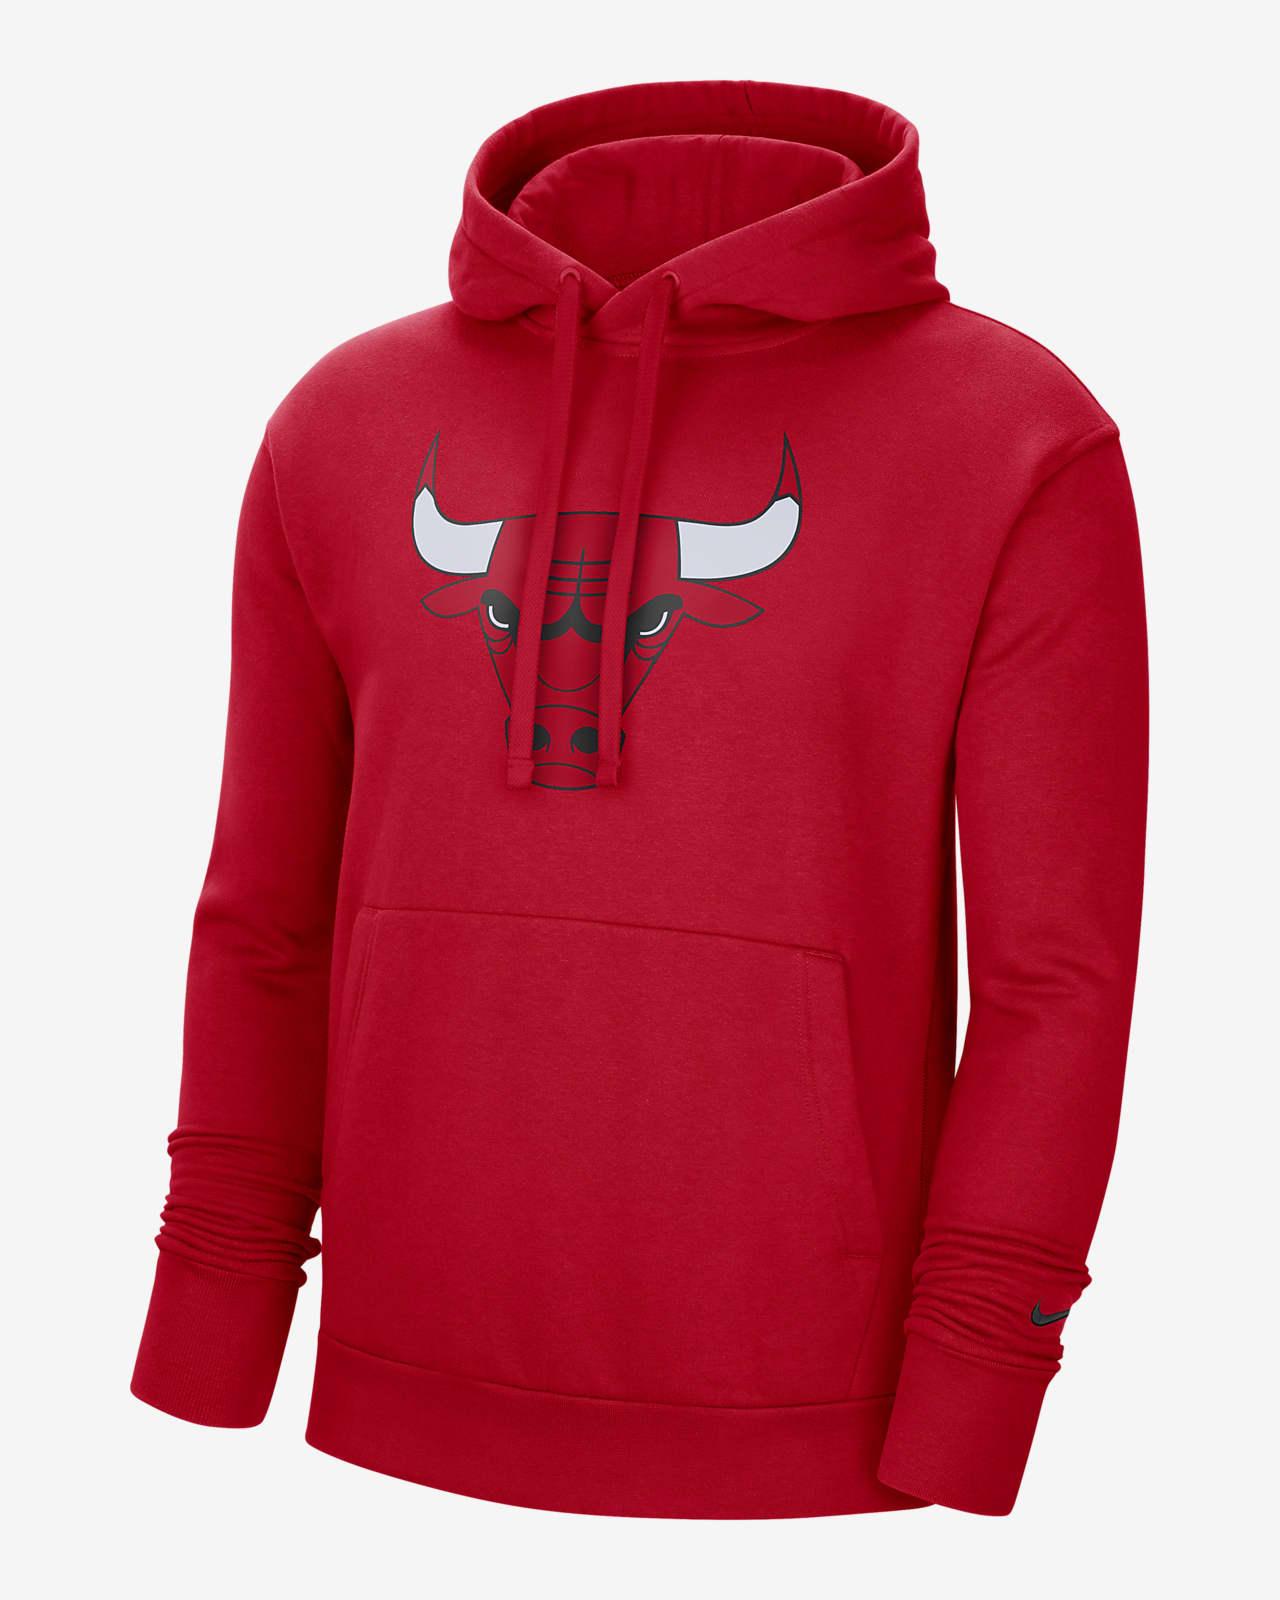 Ανδρική μπλούζα με κουκούλα Nike NBA Σικάγο Μπουλς Essential